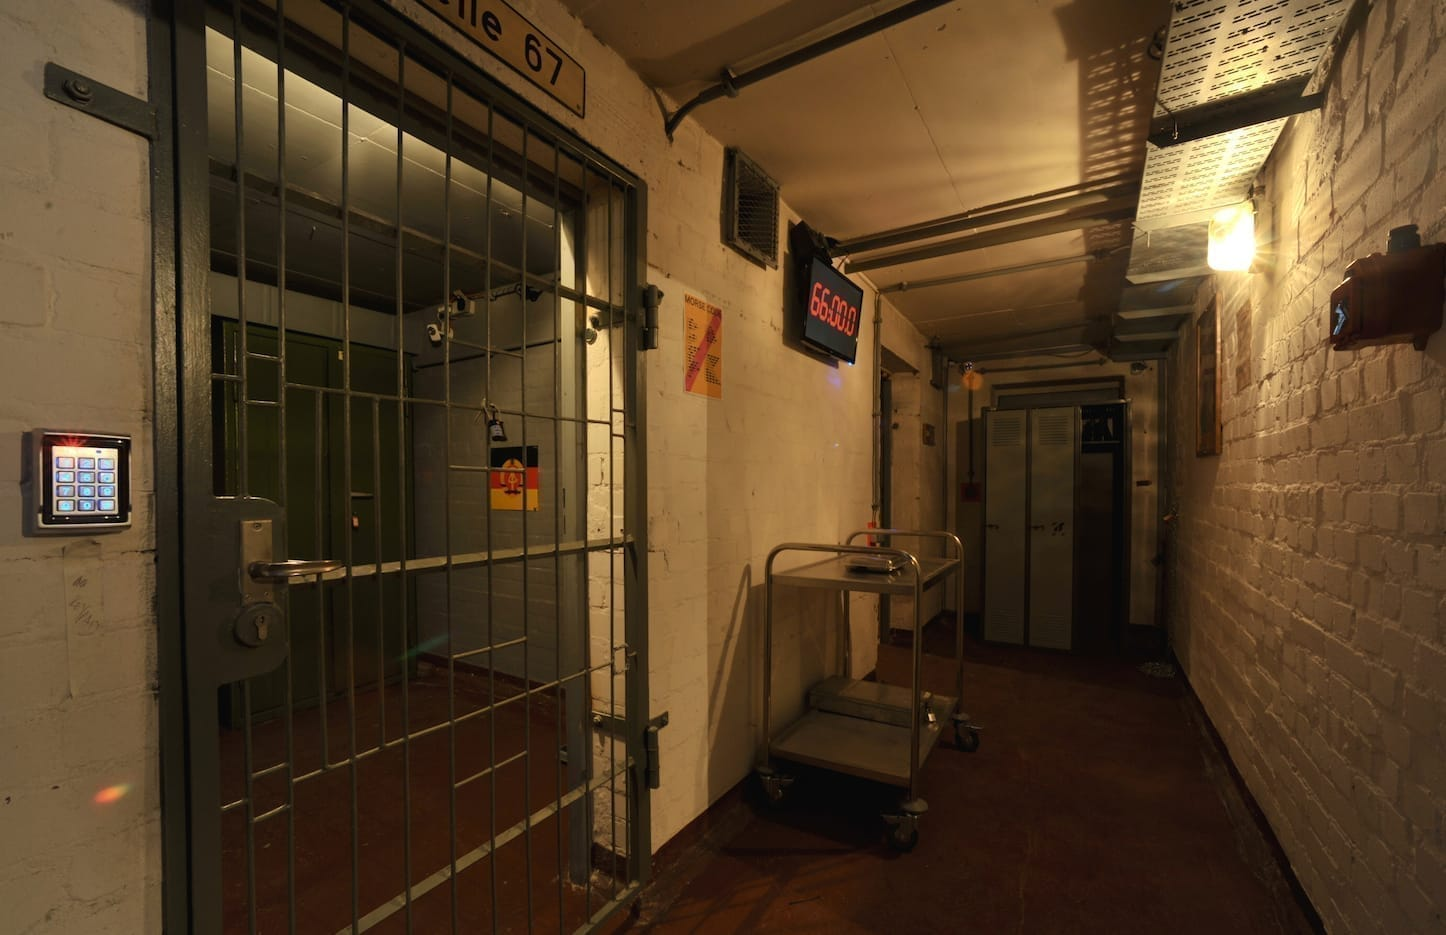 Live escape room games verzeichnis aller live escape for Escape room escape